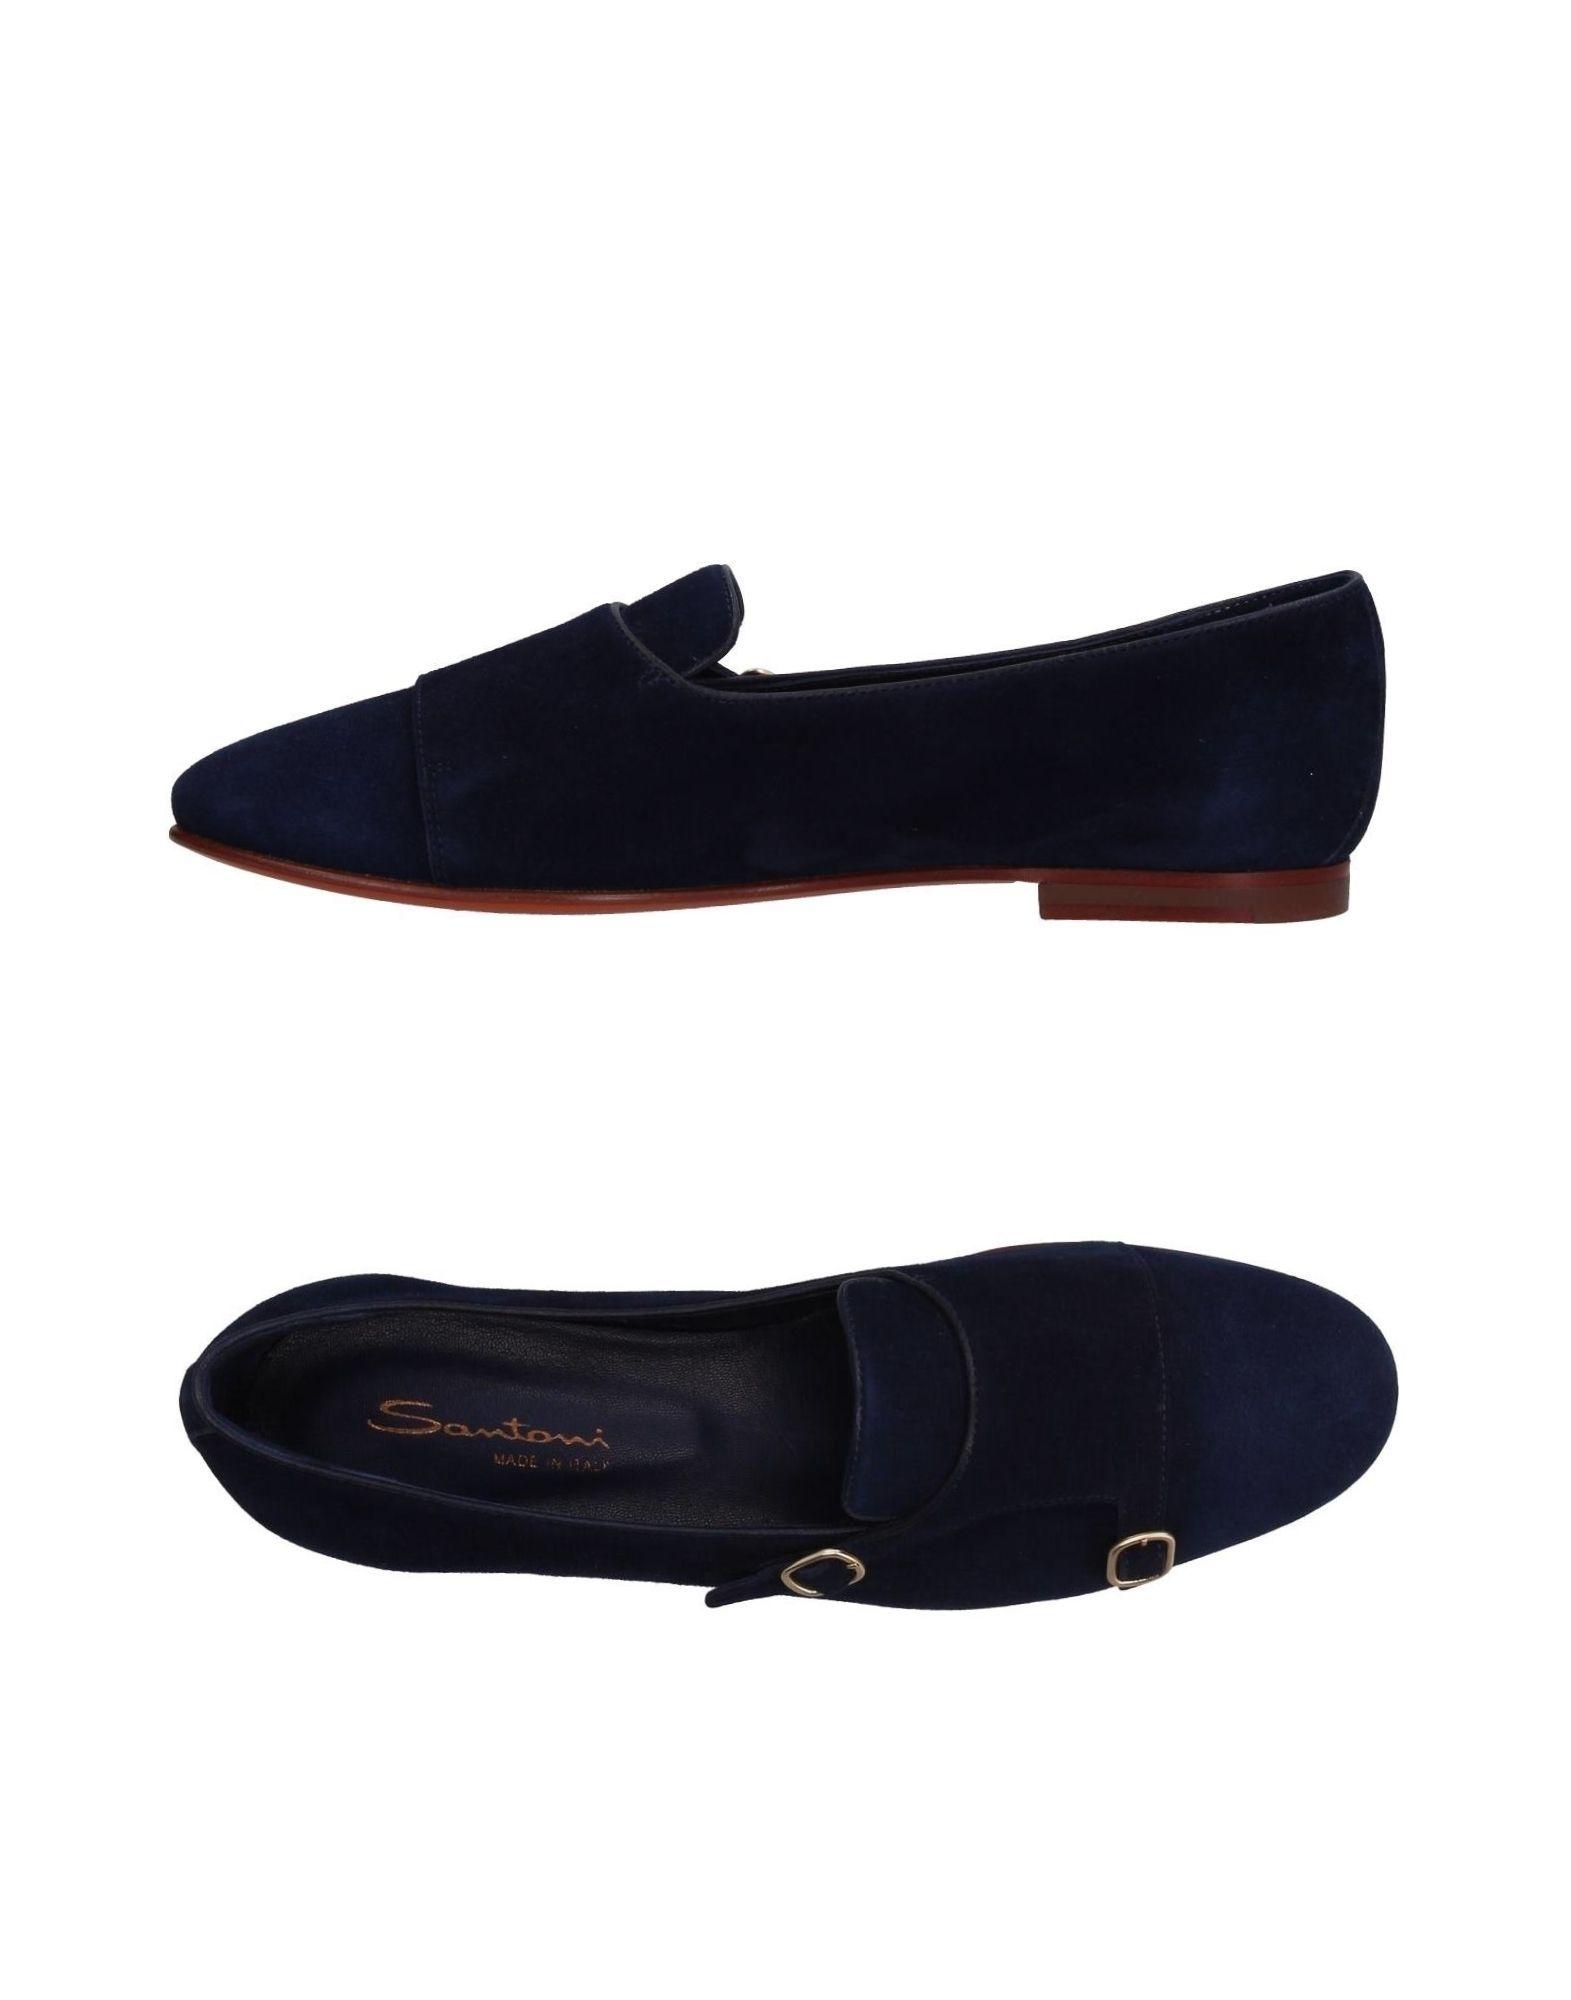 Sandali Giannico Donna - 11316812ET Scarpe economiche e buone